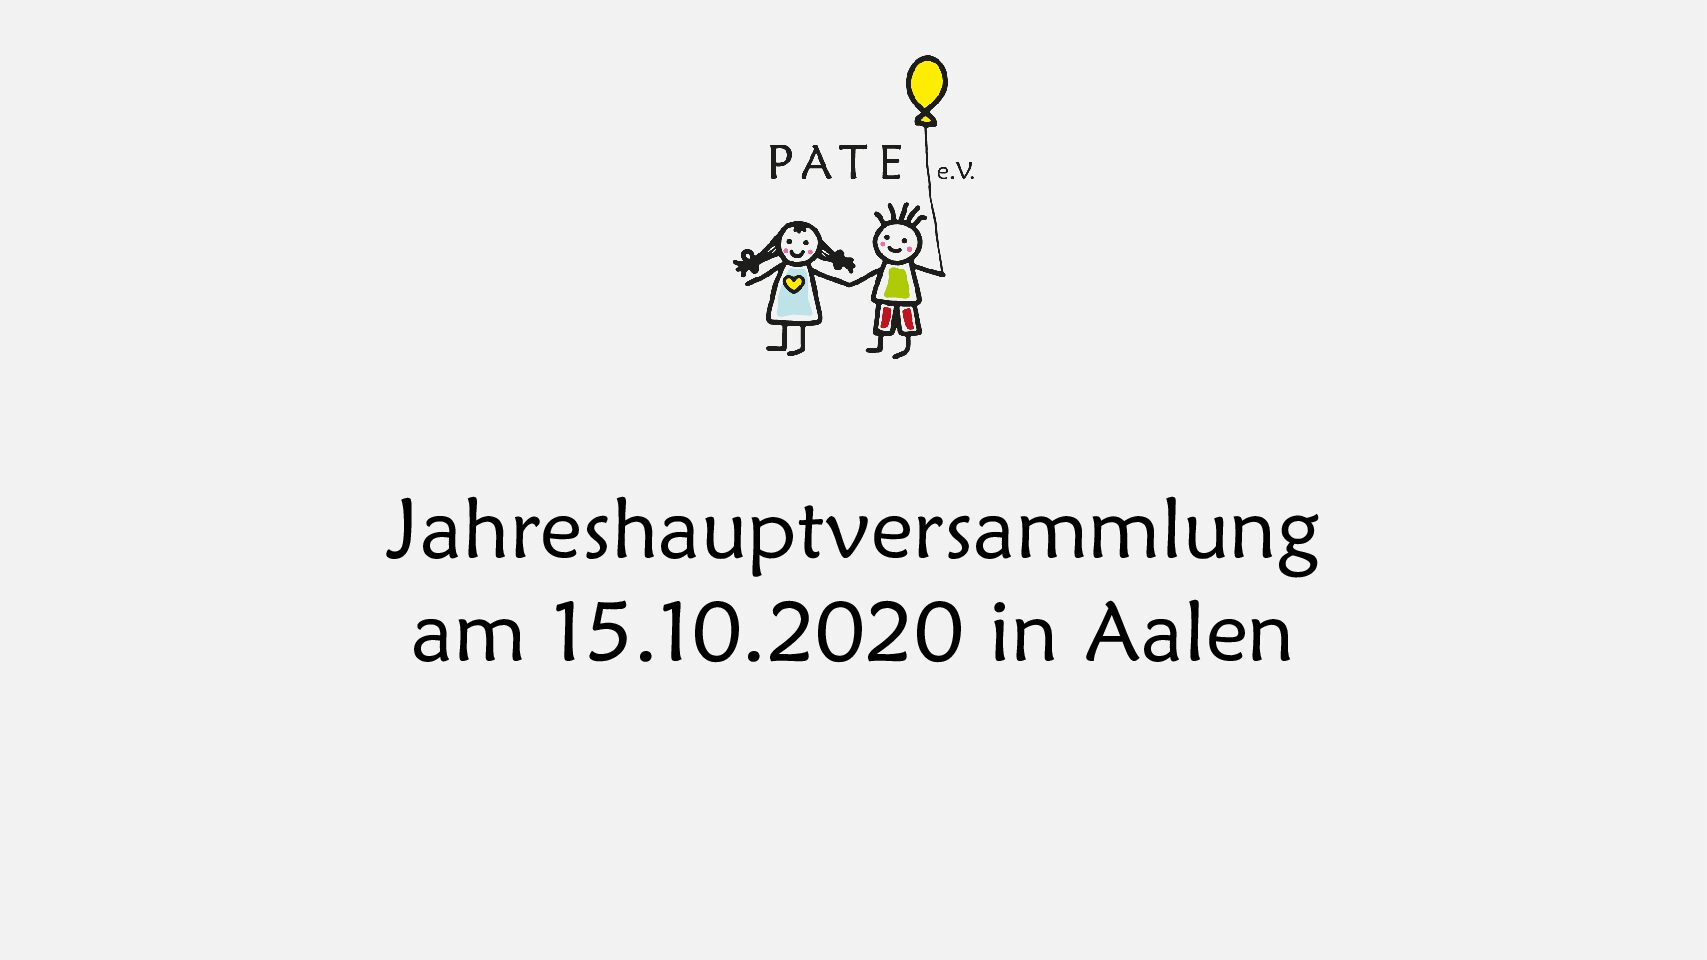 Jahreshauptversammlung am 15.10.2020